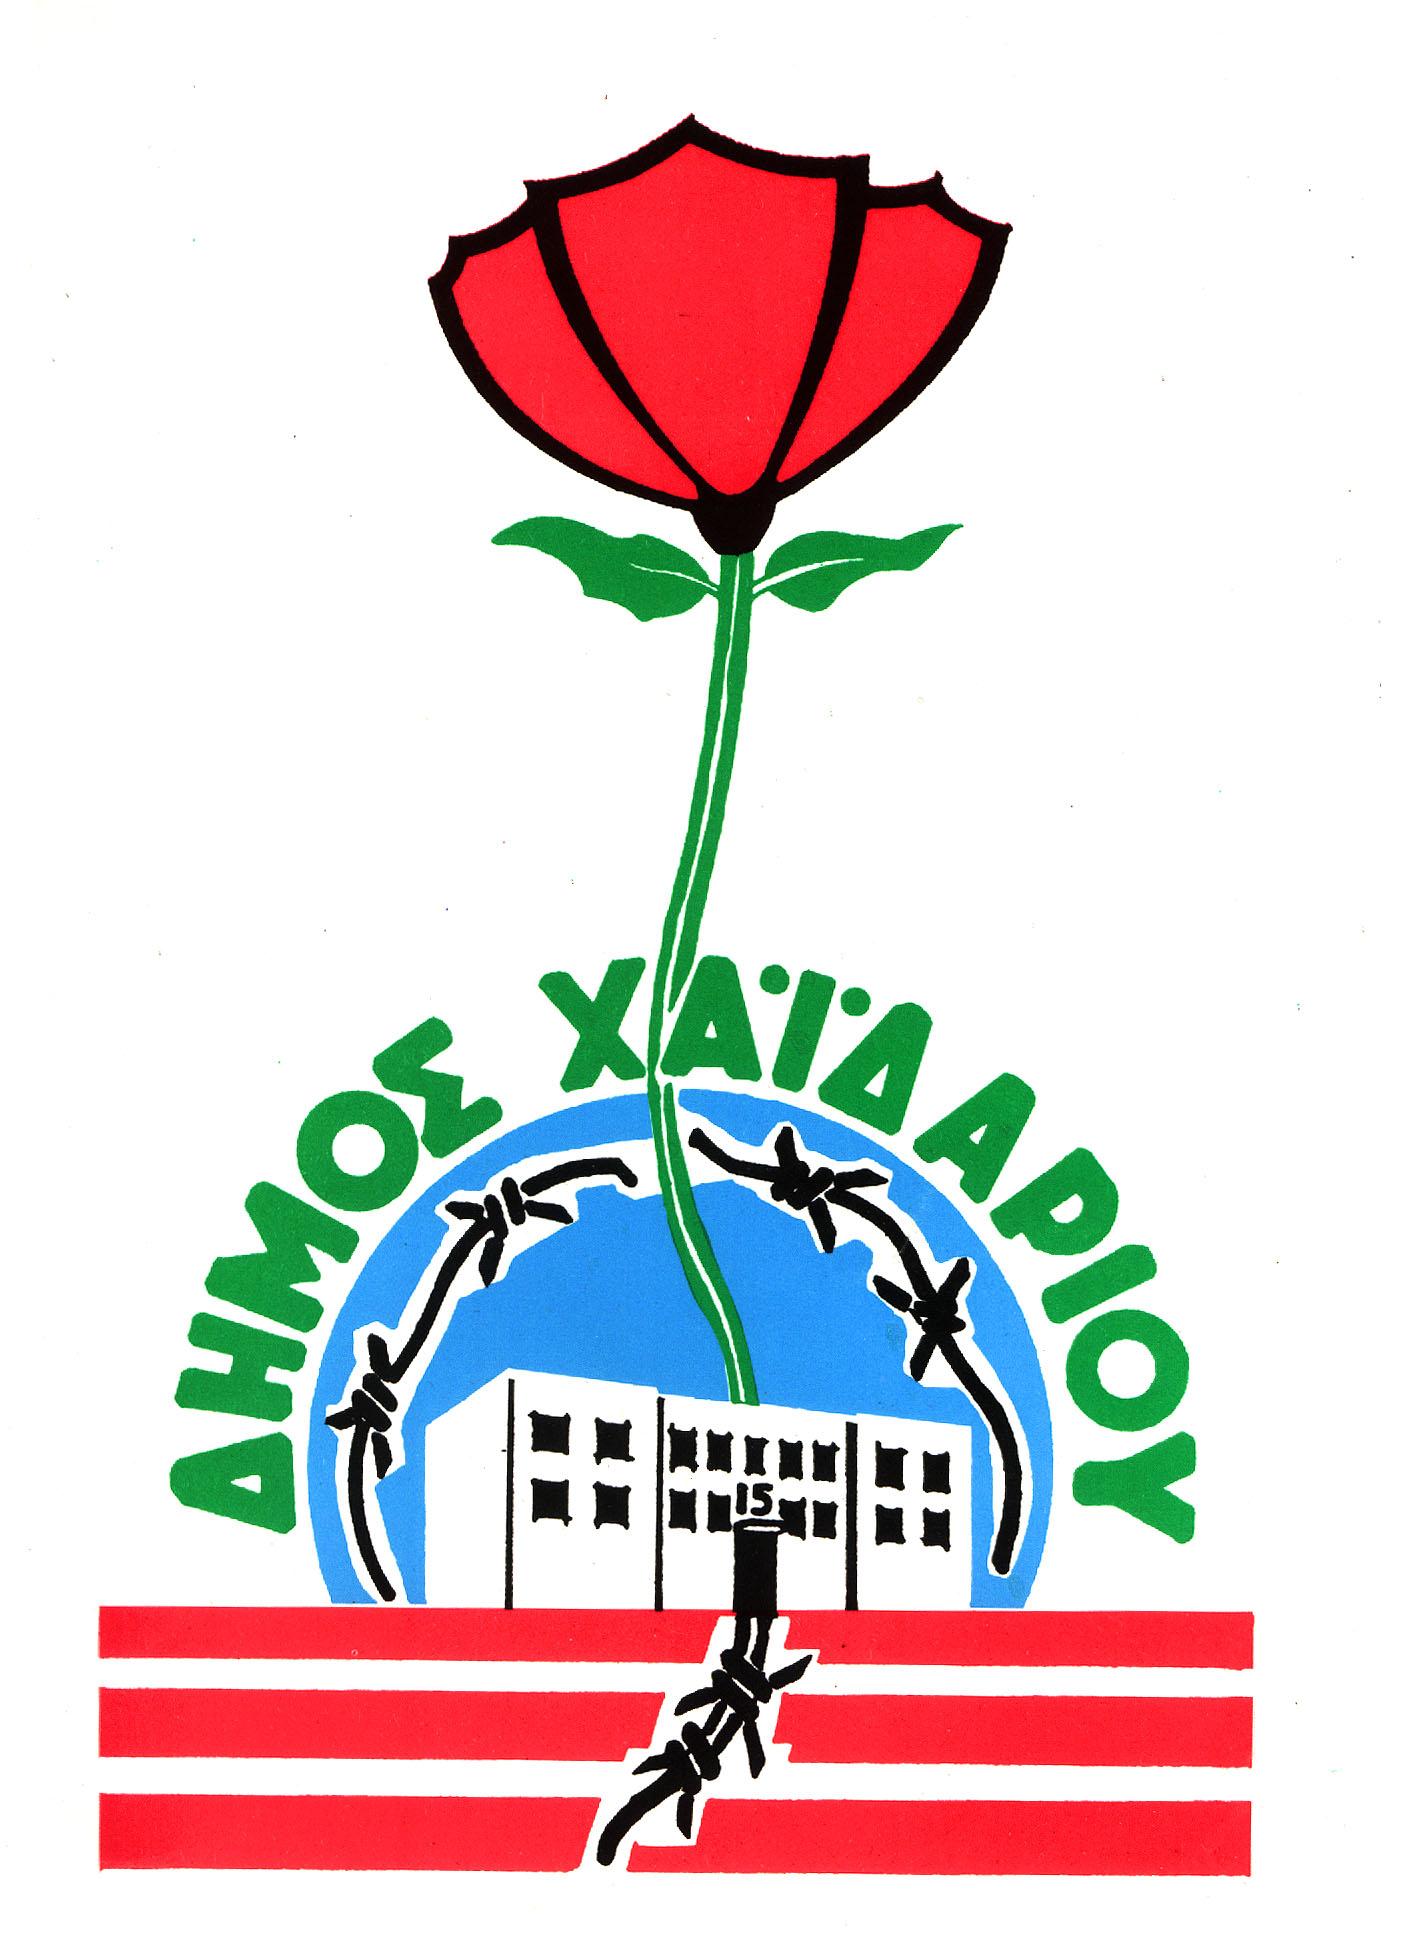 Δήμος Χαιδαρίου